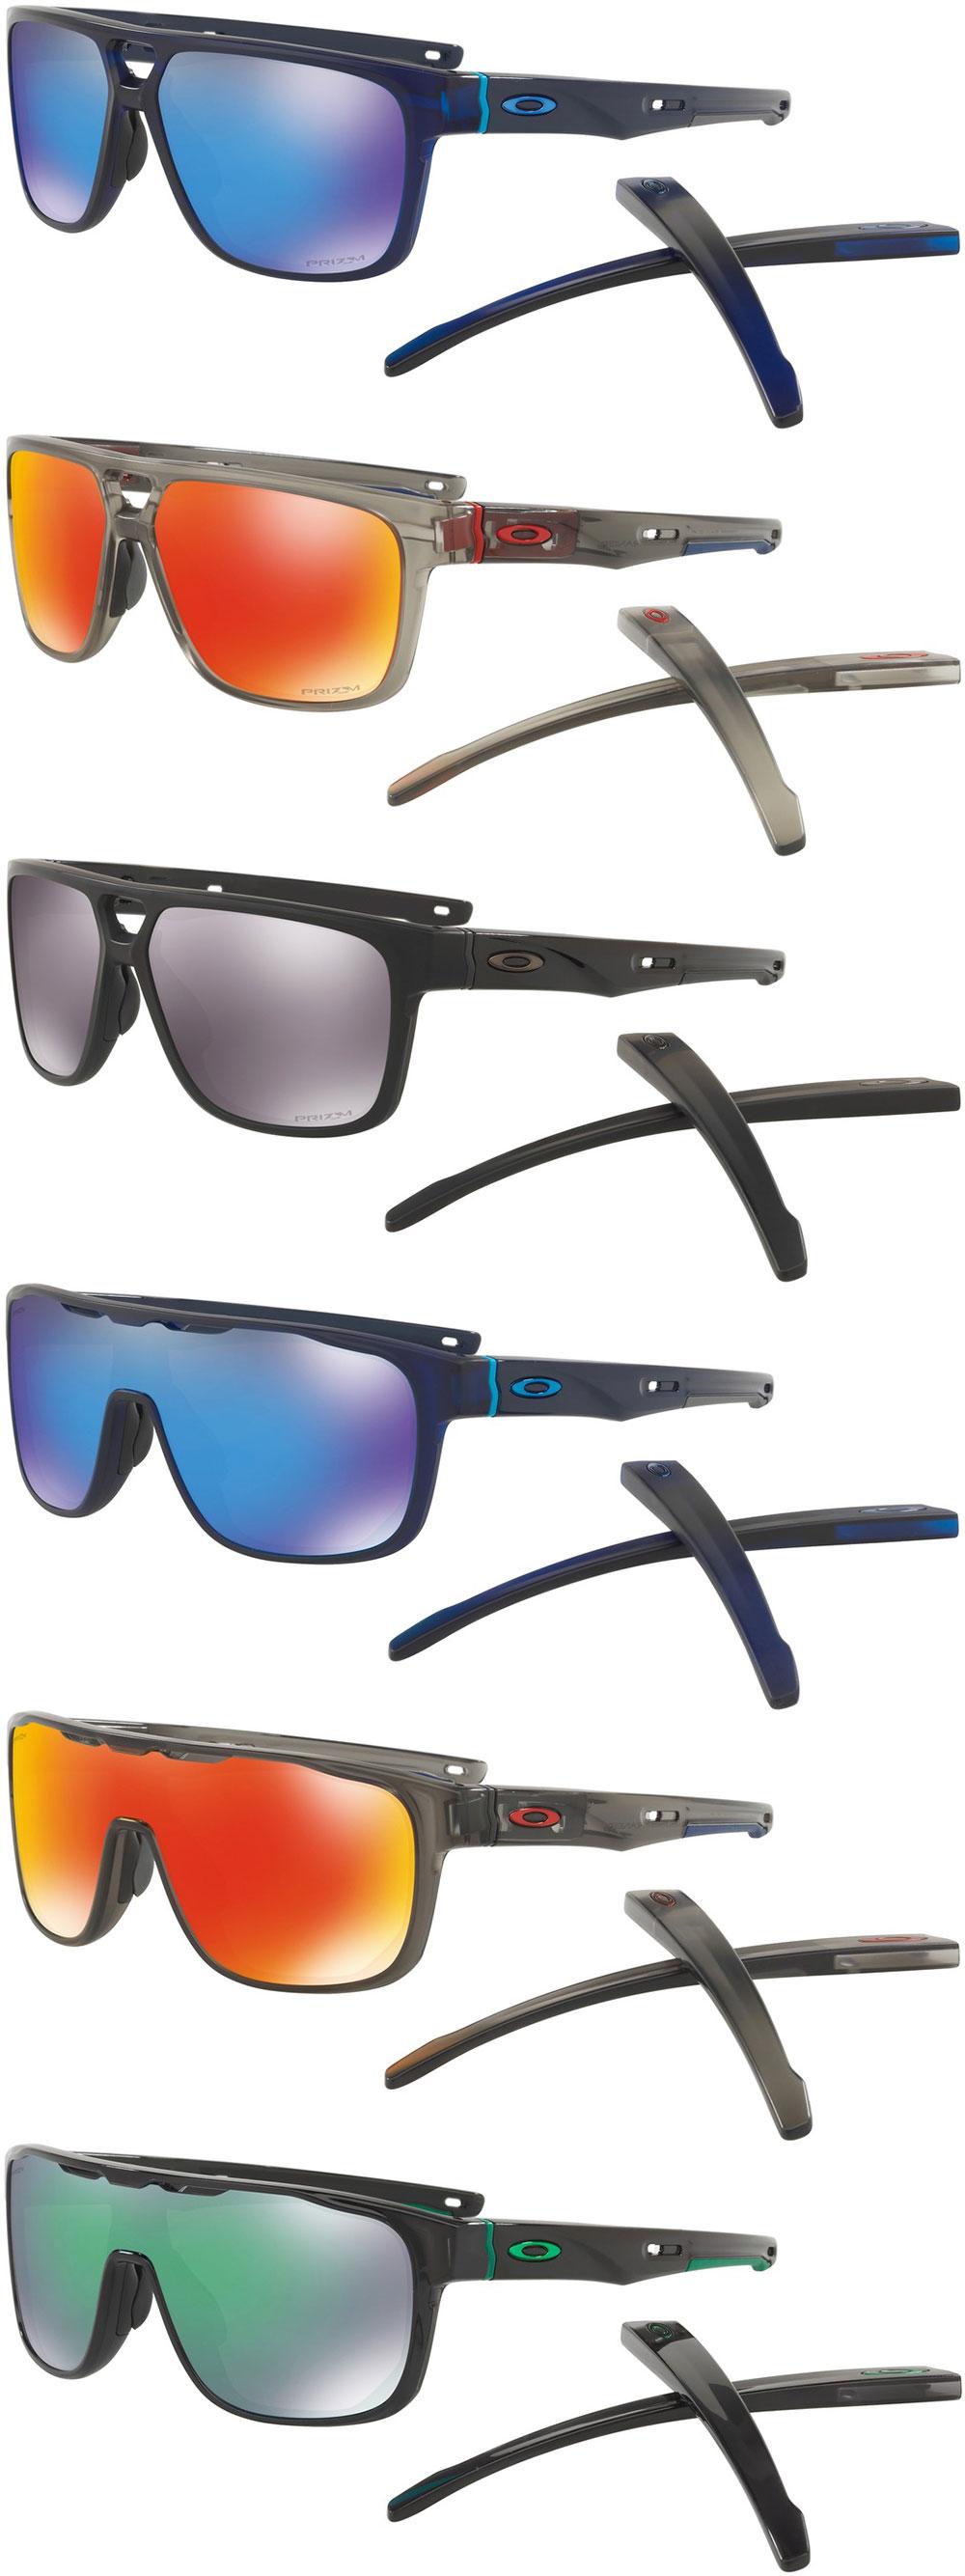 b0c5e60c63 Más modelos para la colección Oakley Crossrange, las gafas más polivalentes  de la firma